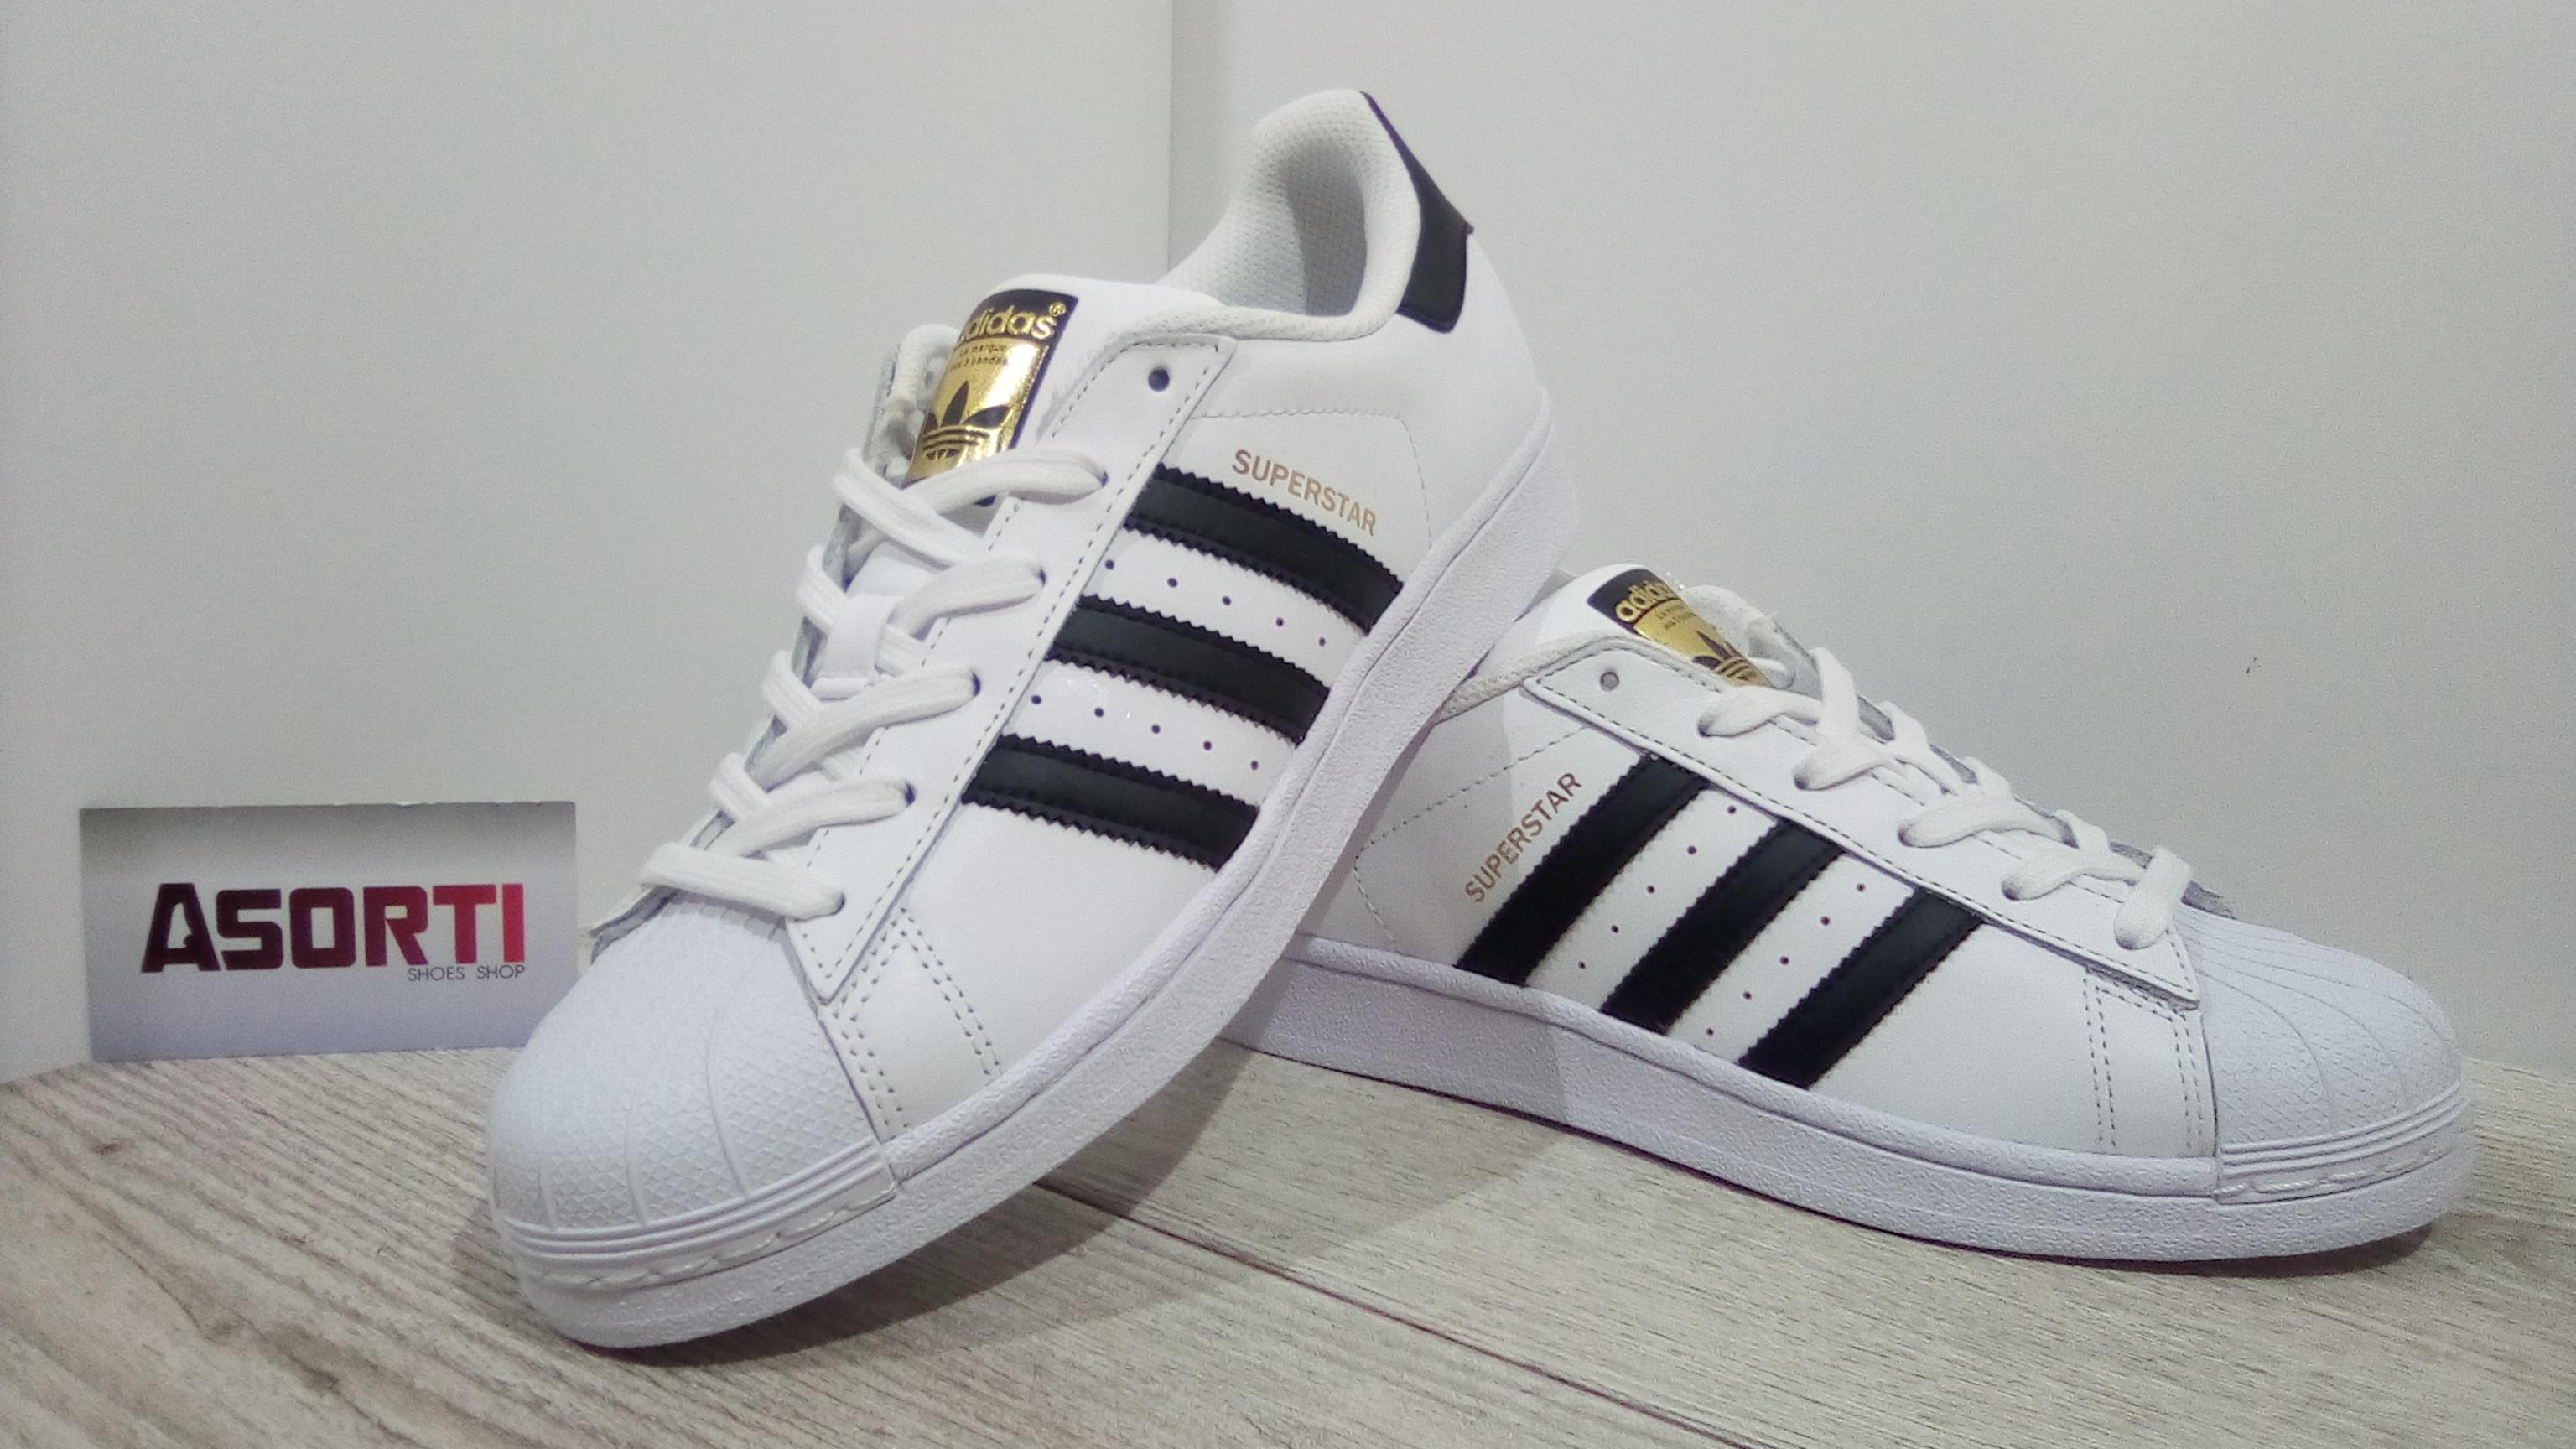 Жіночі кросівки Adidas Originals Superstar білі (C77154) купити в ... 0f89499caf1e5